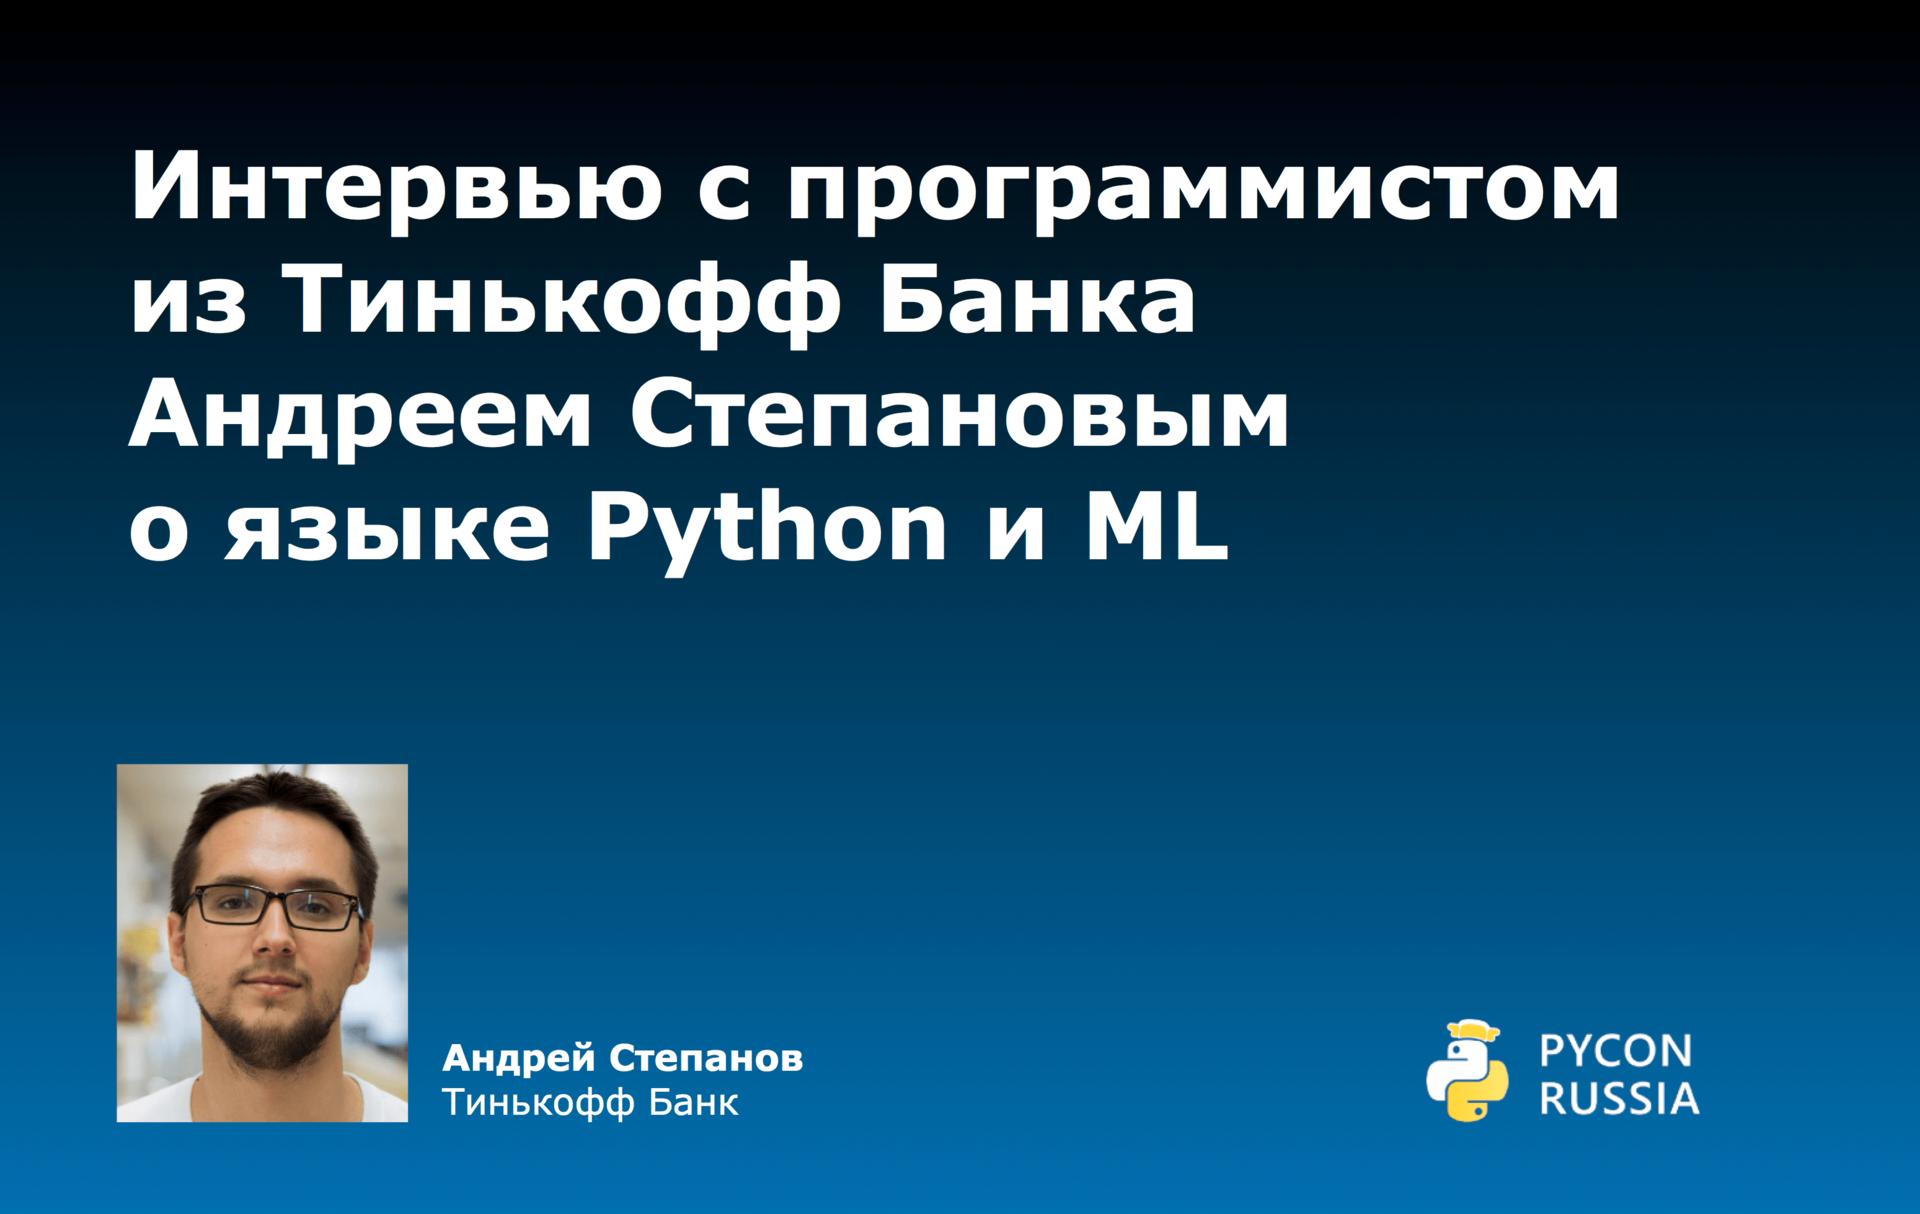 Интервью с программистом из Тинькофф Банка Андреем Степановым о языке Python и ML - 1